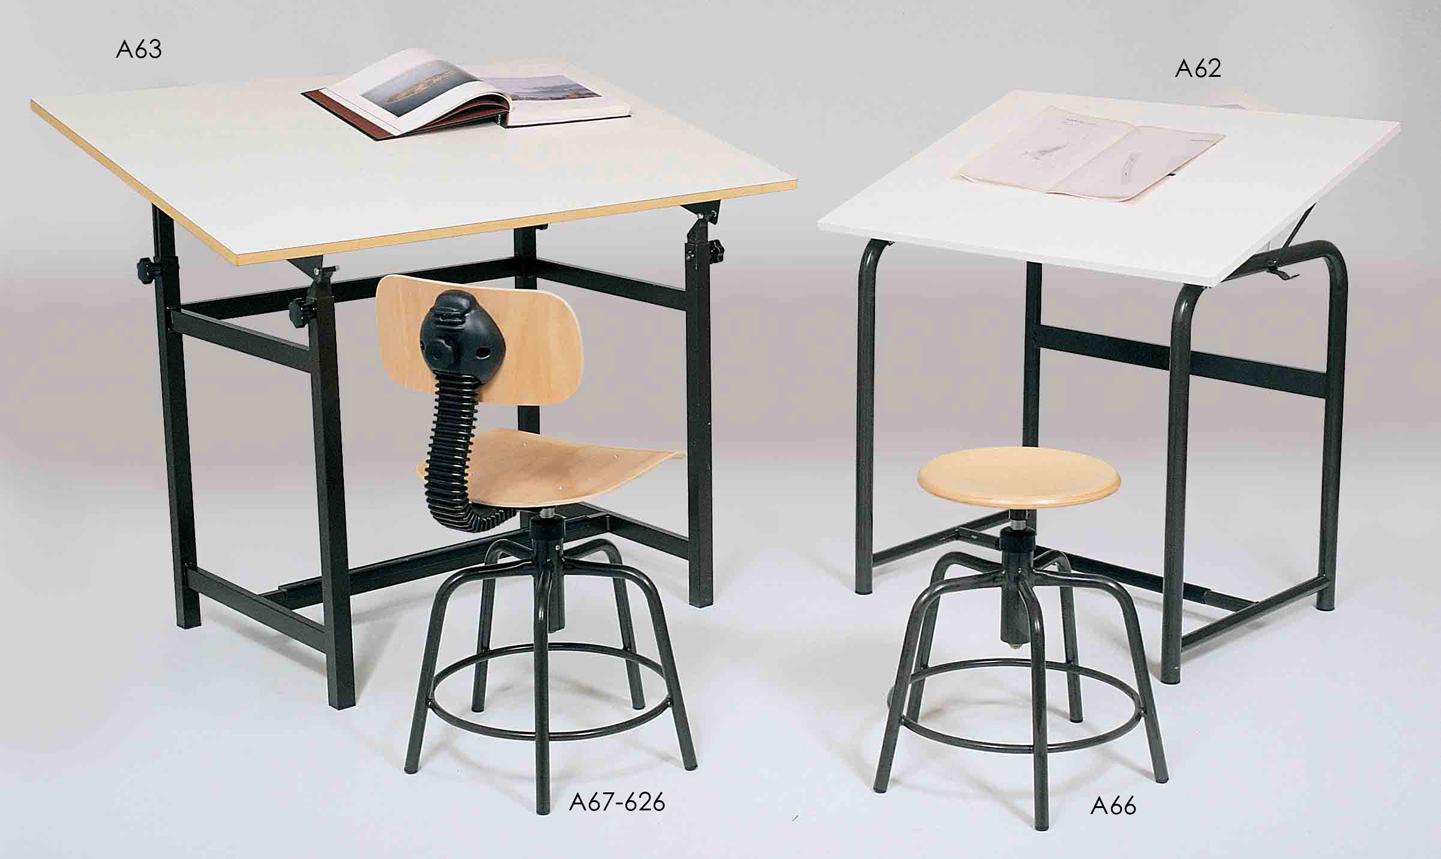 Foto 27: Art. A63, A67 626, A62, A66 - Tavoli da disegno con sedie